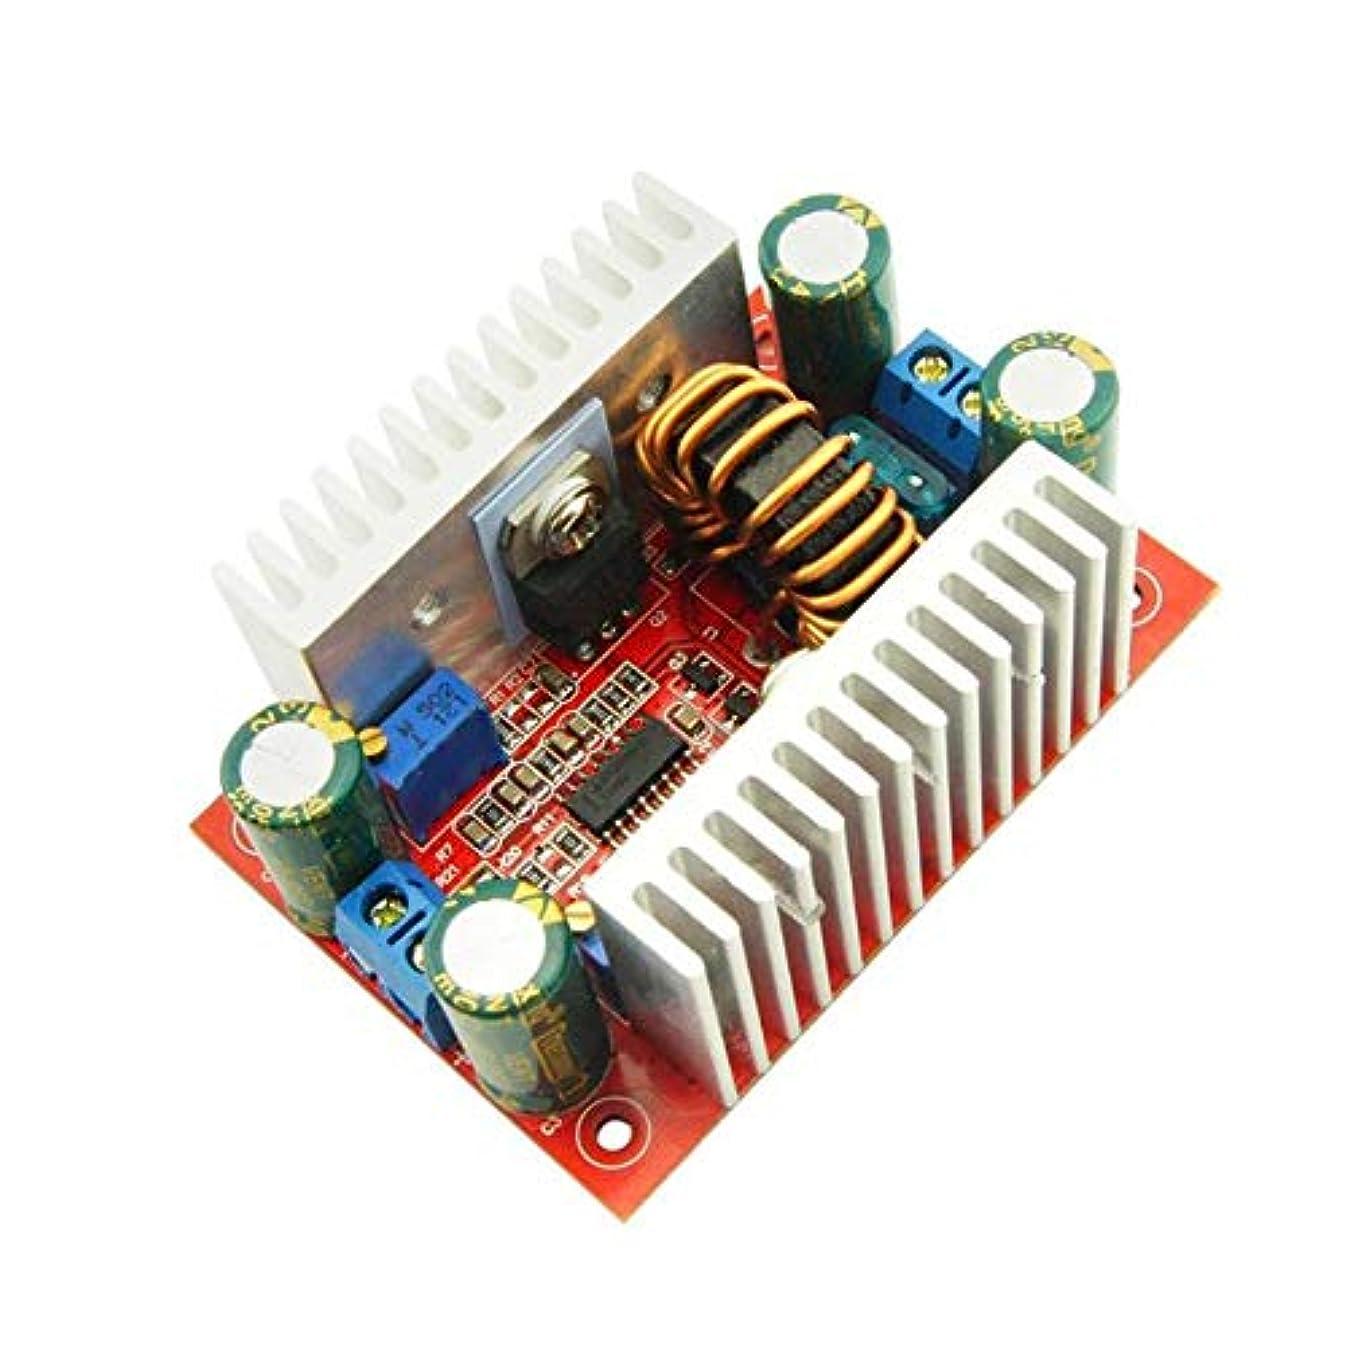 より平らなアルカイック放課後Xlp  400W DC-DC昇圧電源コンバータ定電流電源モジュールLEDドライバ